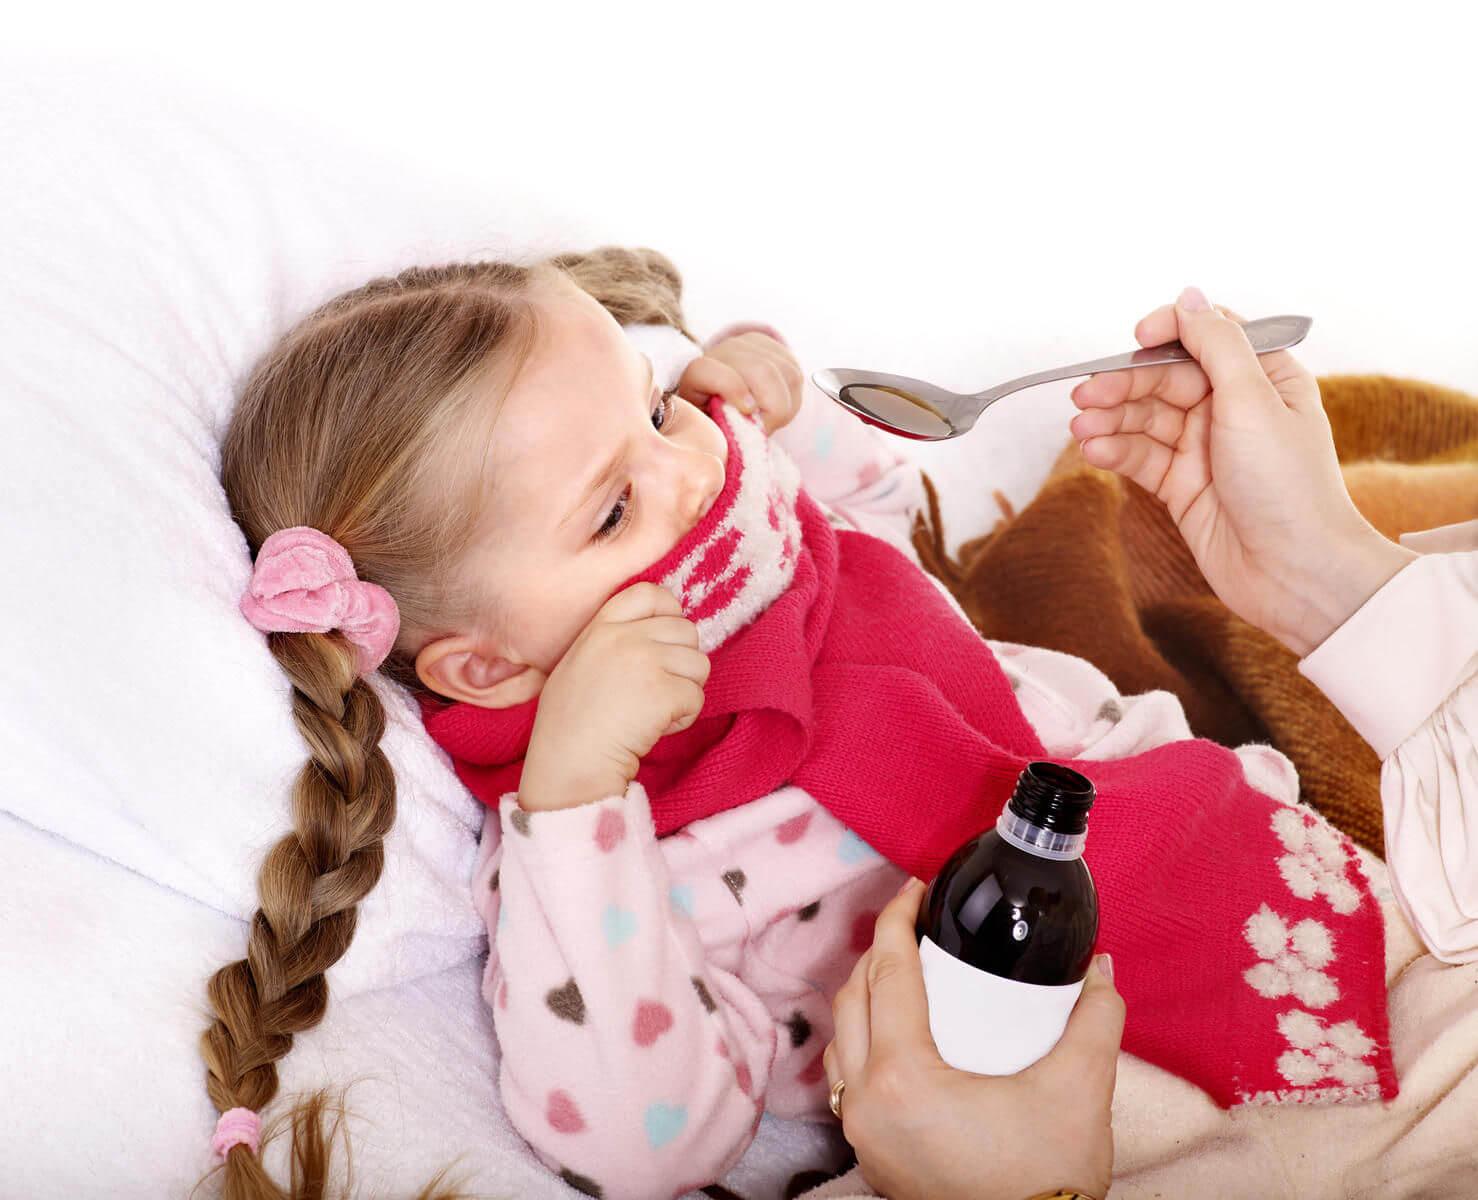 Лечение сиропами от кашля